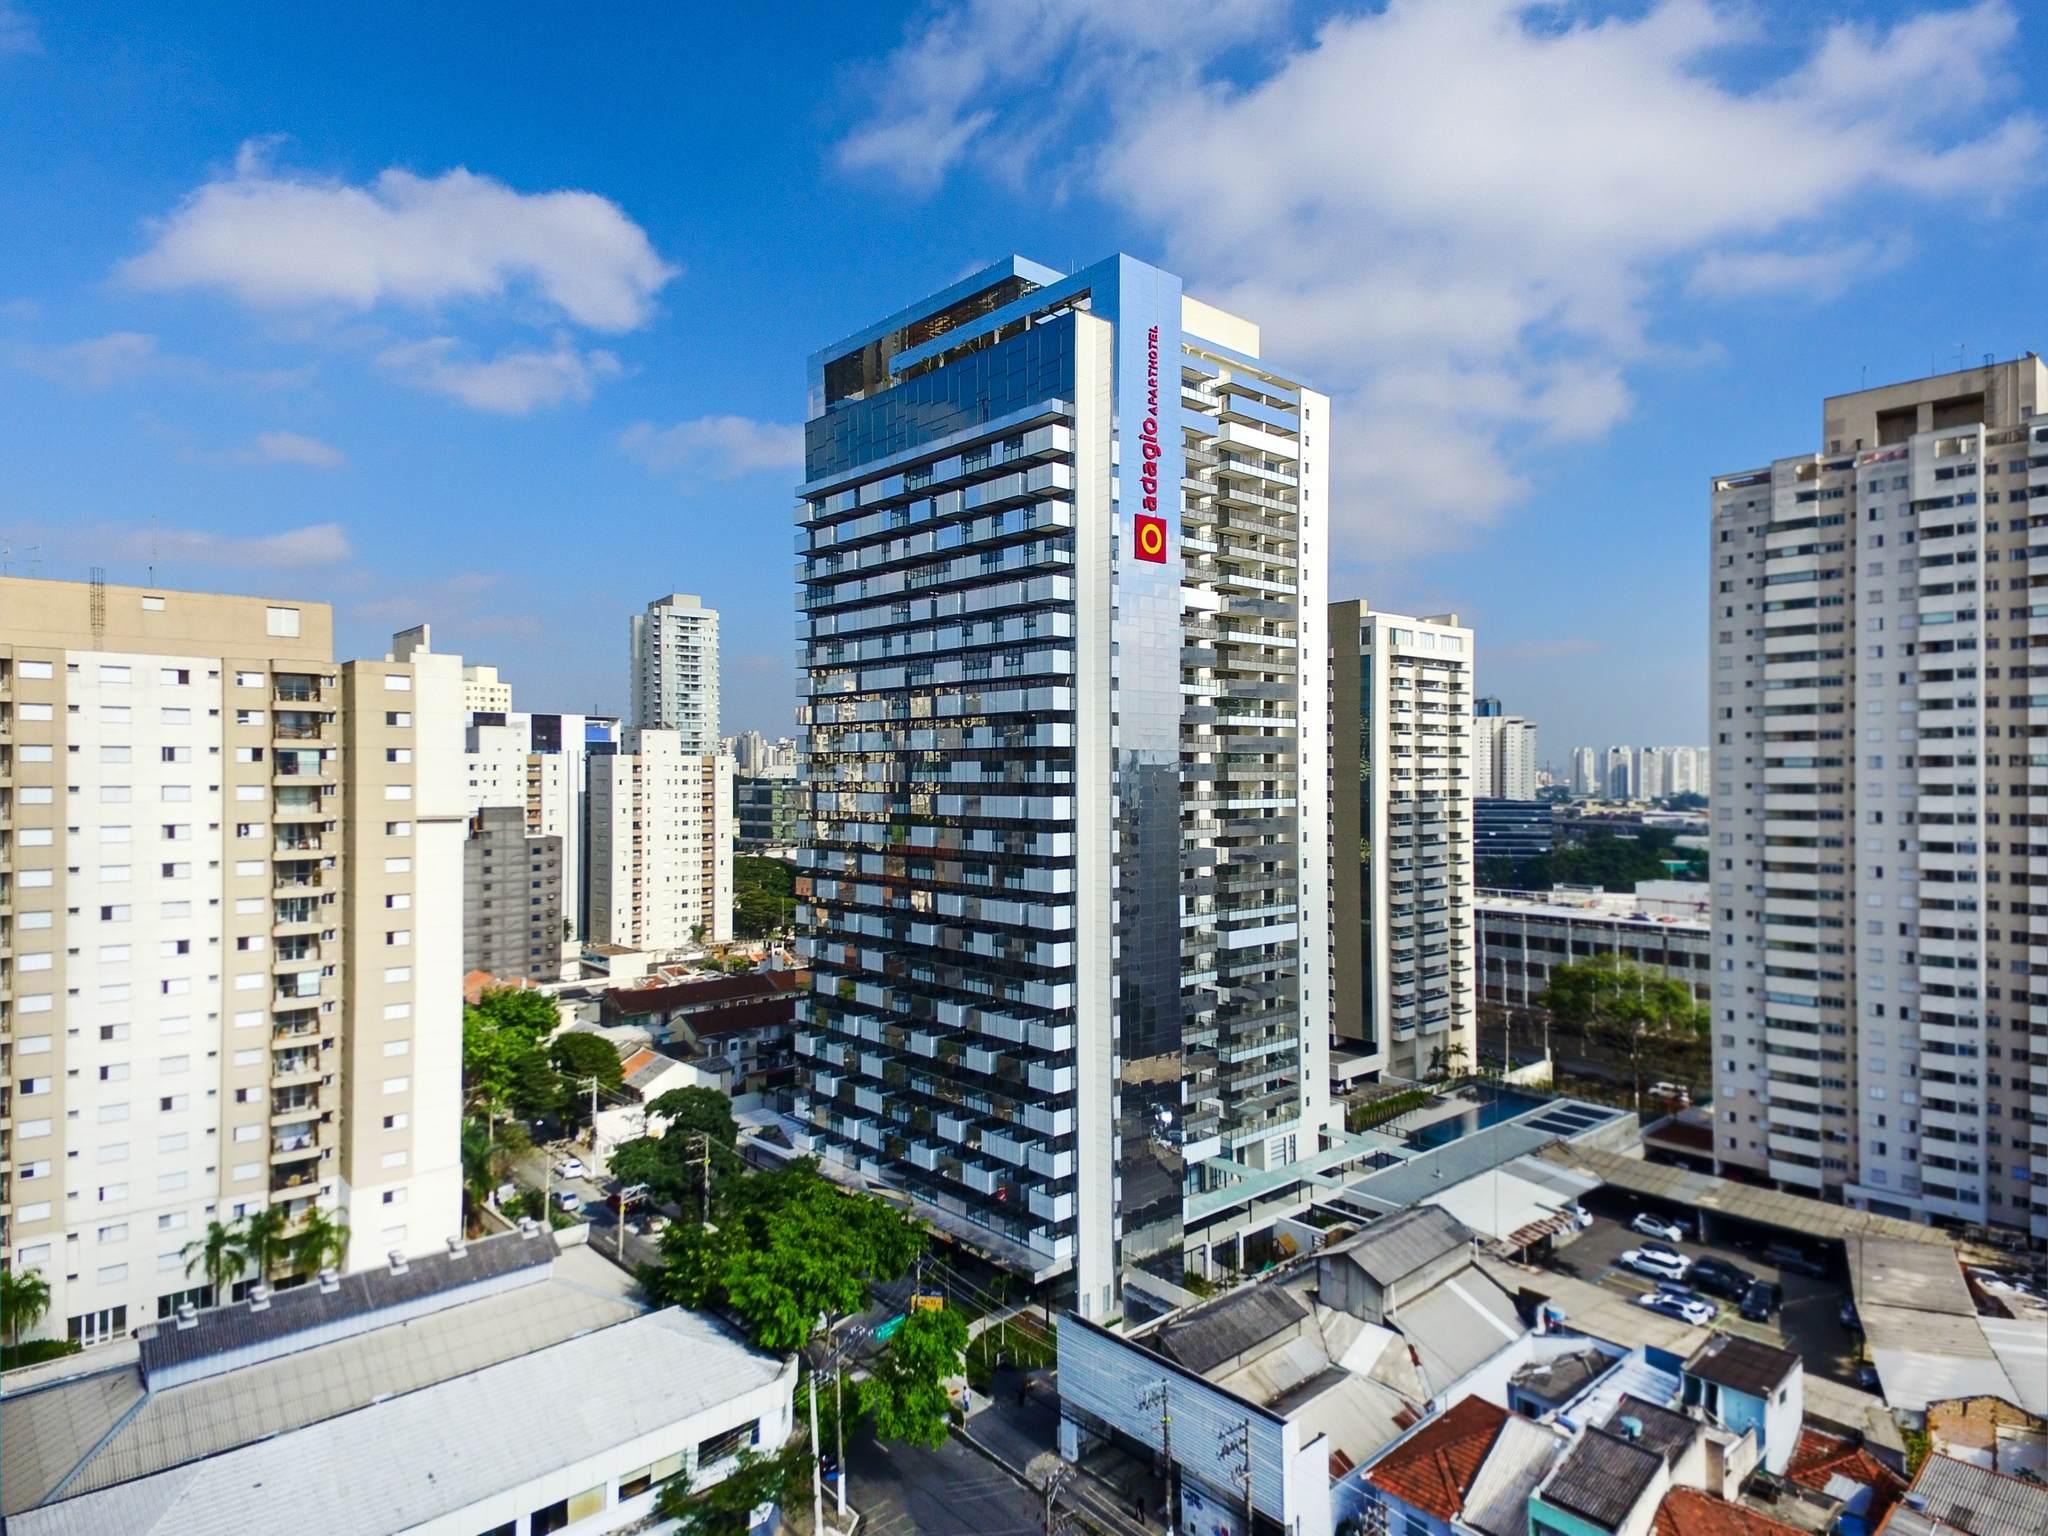 酒店 – 阿德吉奥圣保罗巴拉丰达公寓式酒店